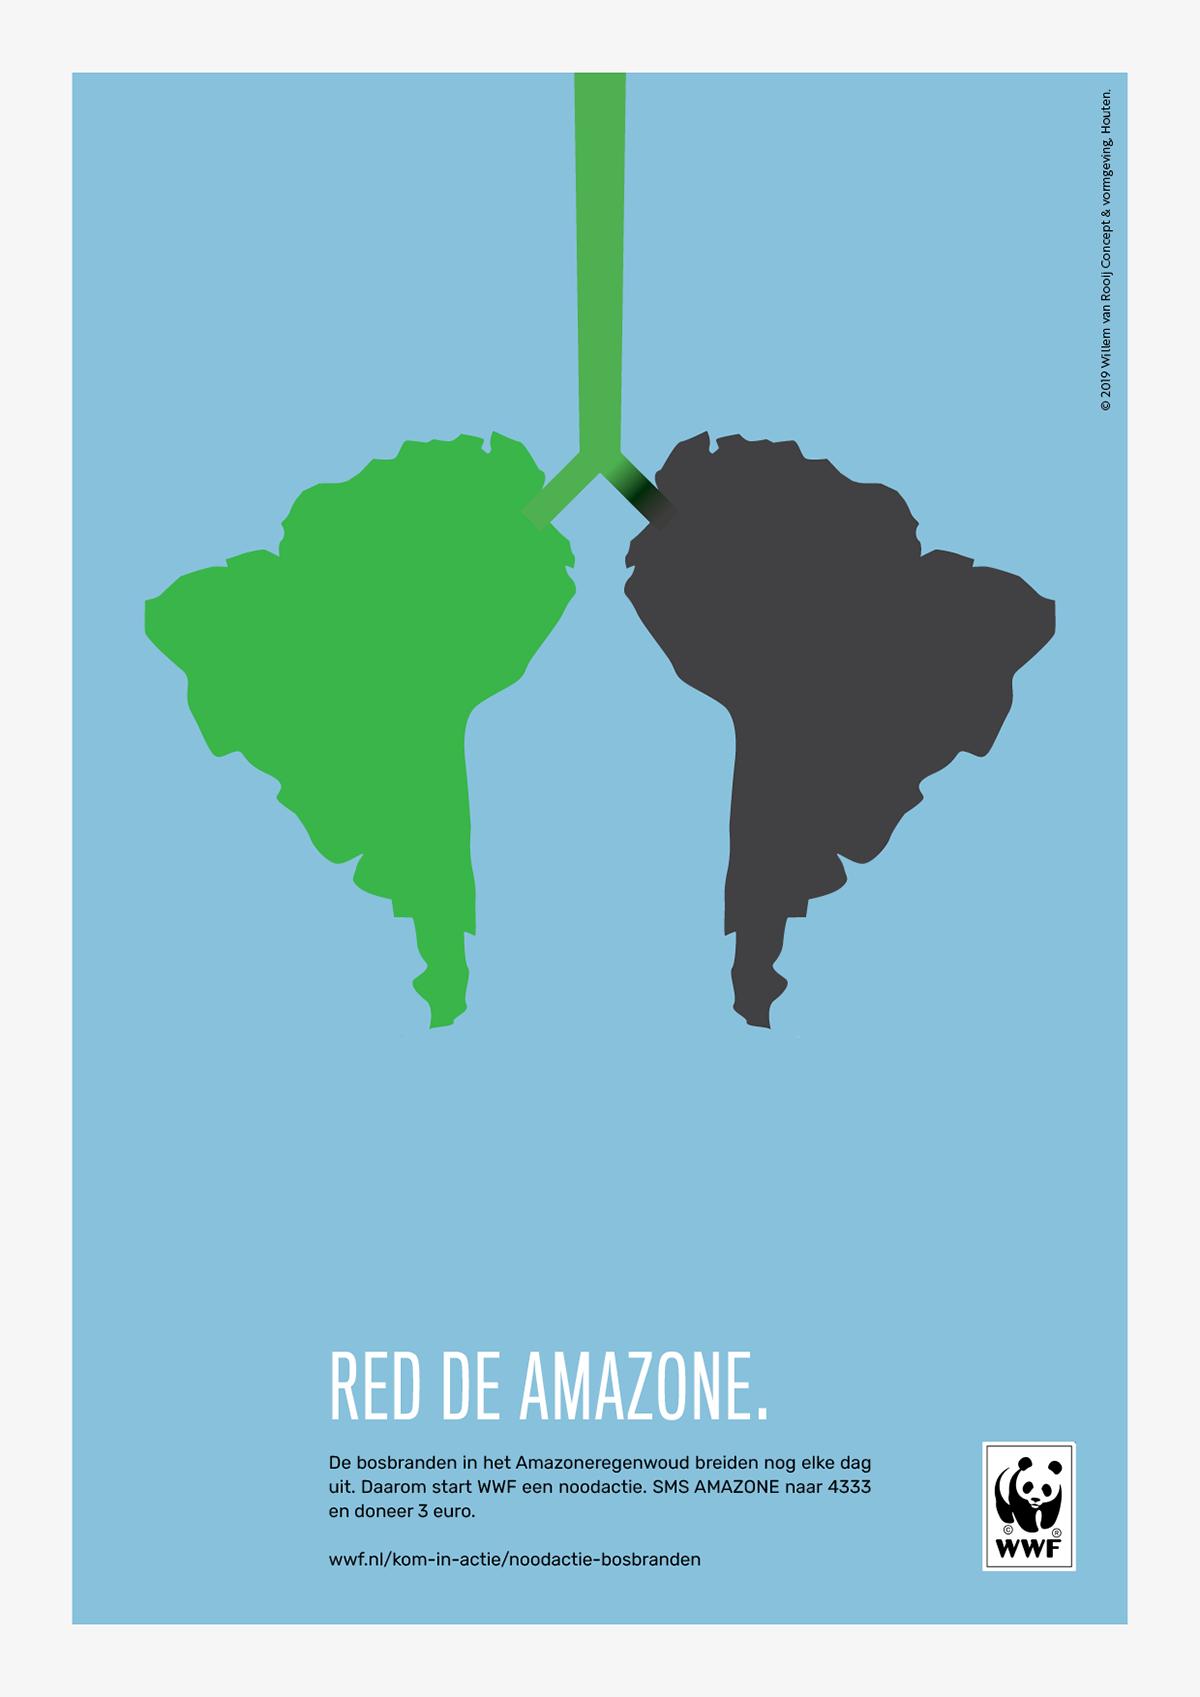 Amazon amazon fires Save The Amazon rainforest WWF Brasil